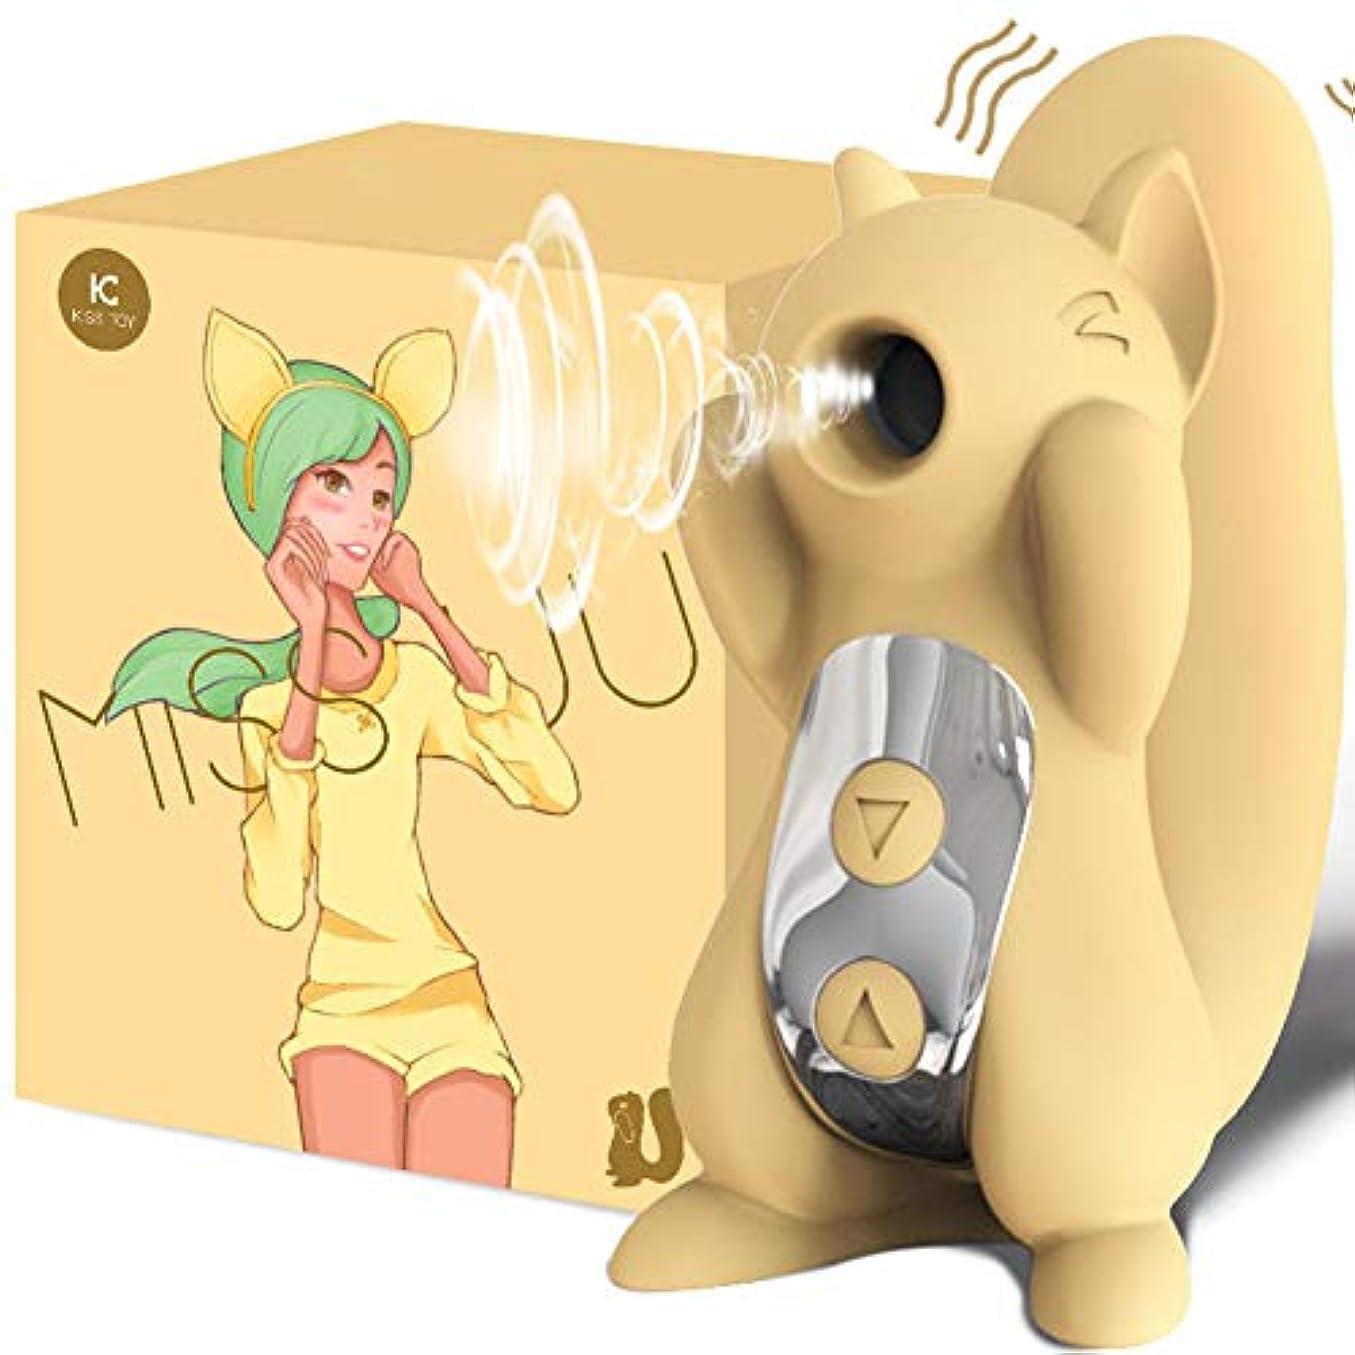 遠え破壊的なマングルRabugoo 大人のおもちゃ 漫画形状膣吸引バイブレーターオーラルセックス吸引クリトリス刺激女性エロティックおもちゃ 黄